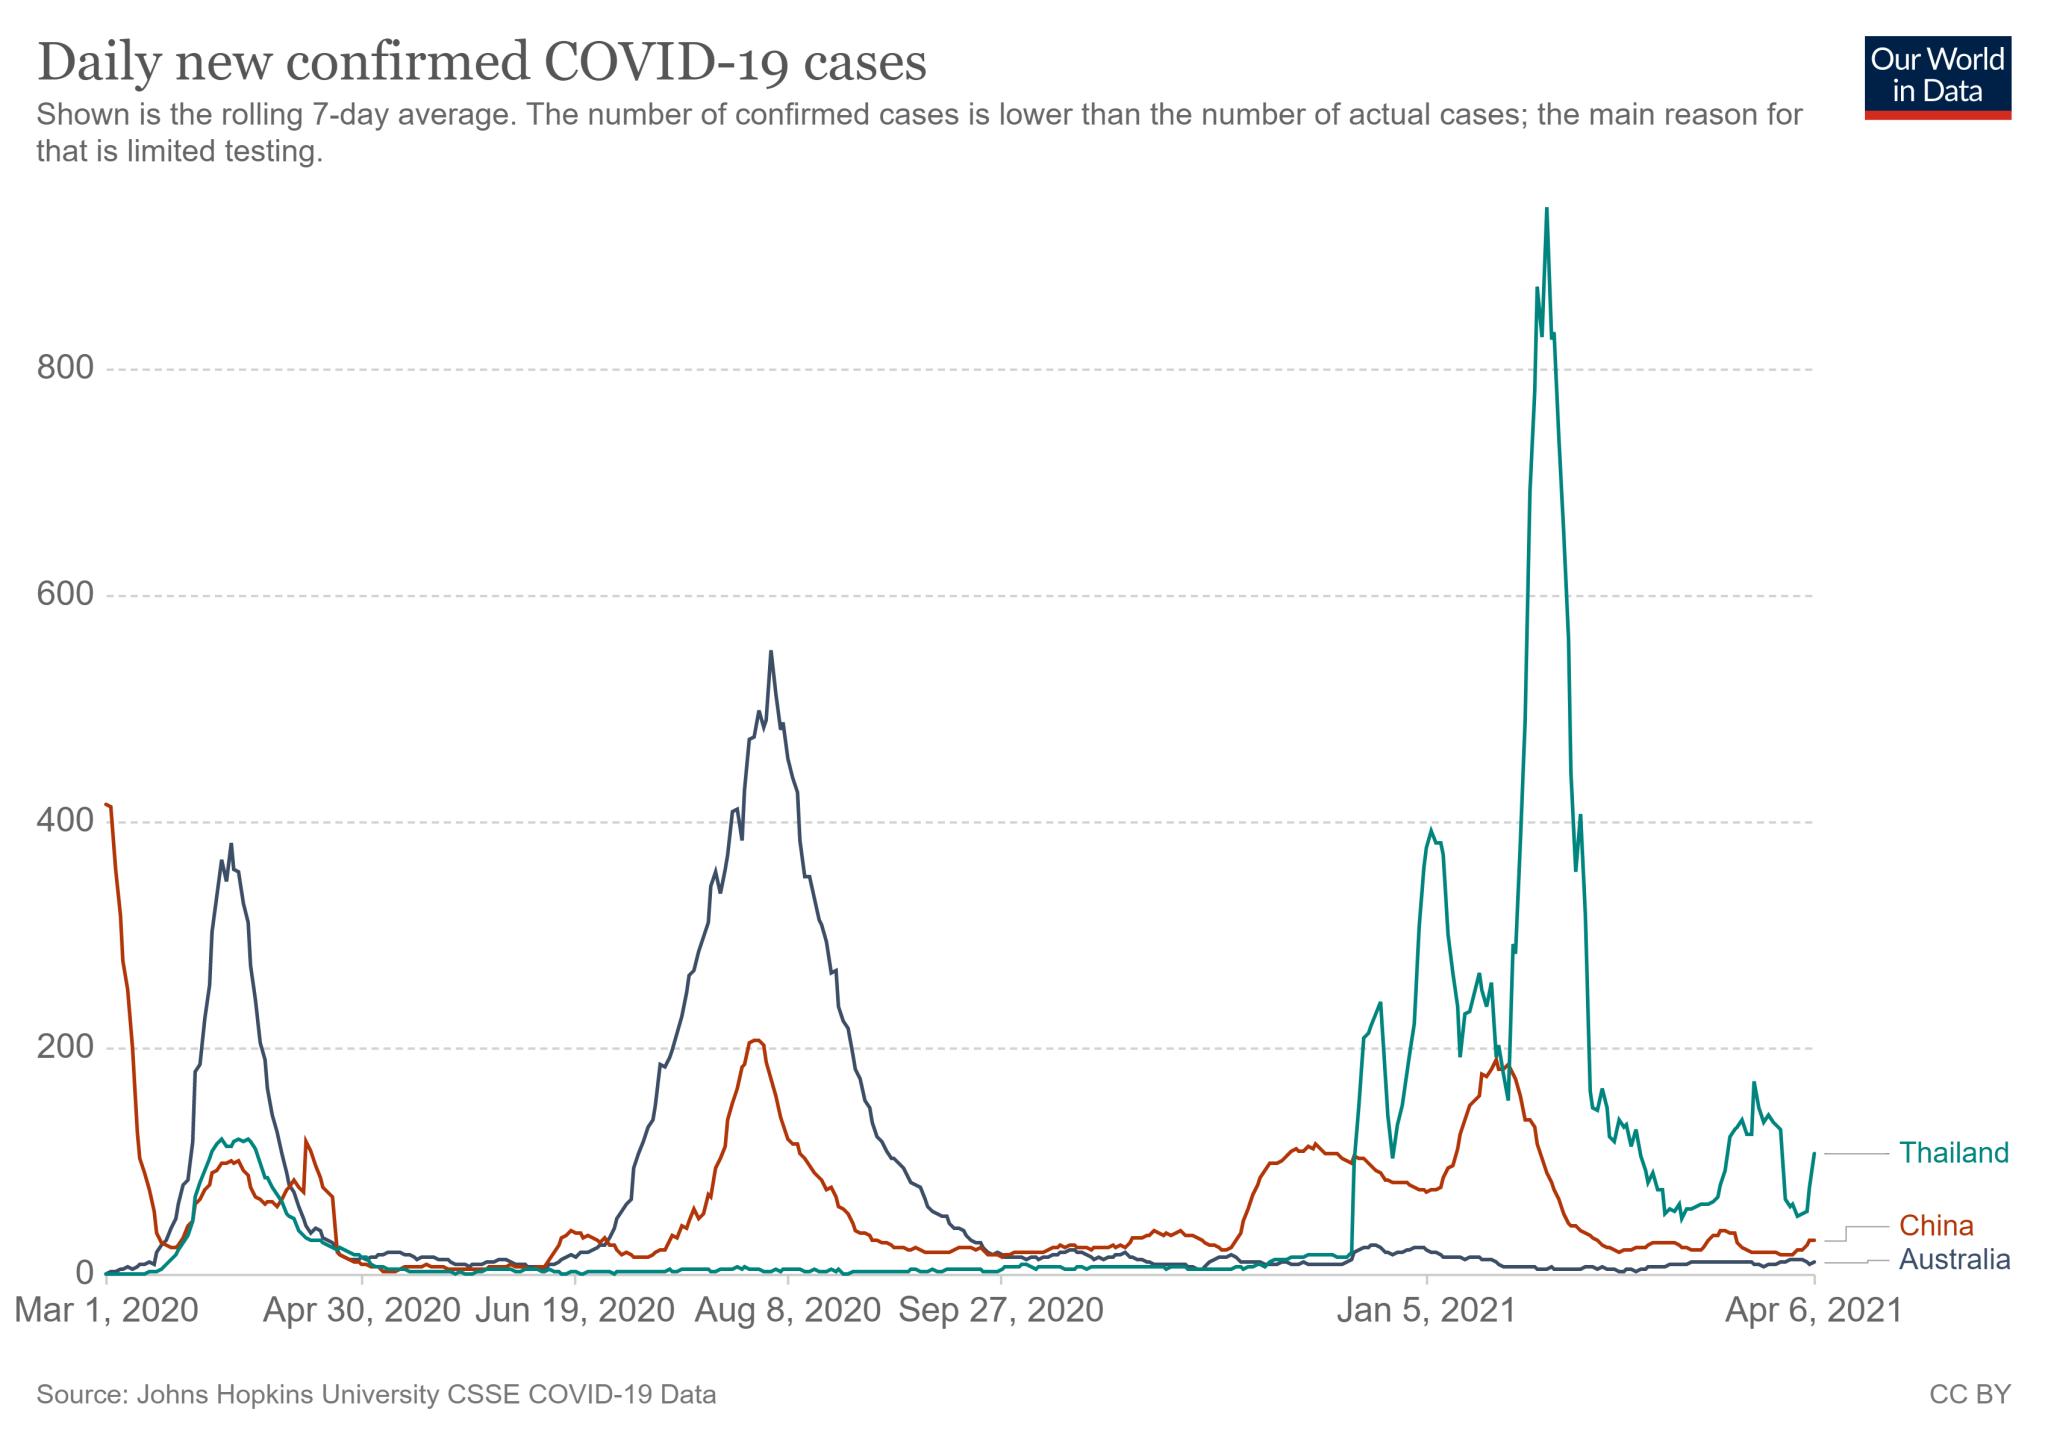 Dzienna średnia nowych zakażeń w Tajlandii, Chinach i Australii